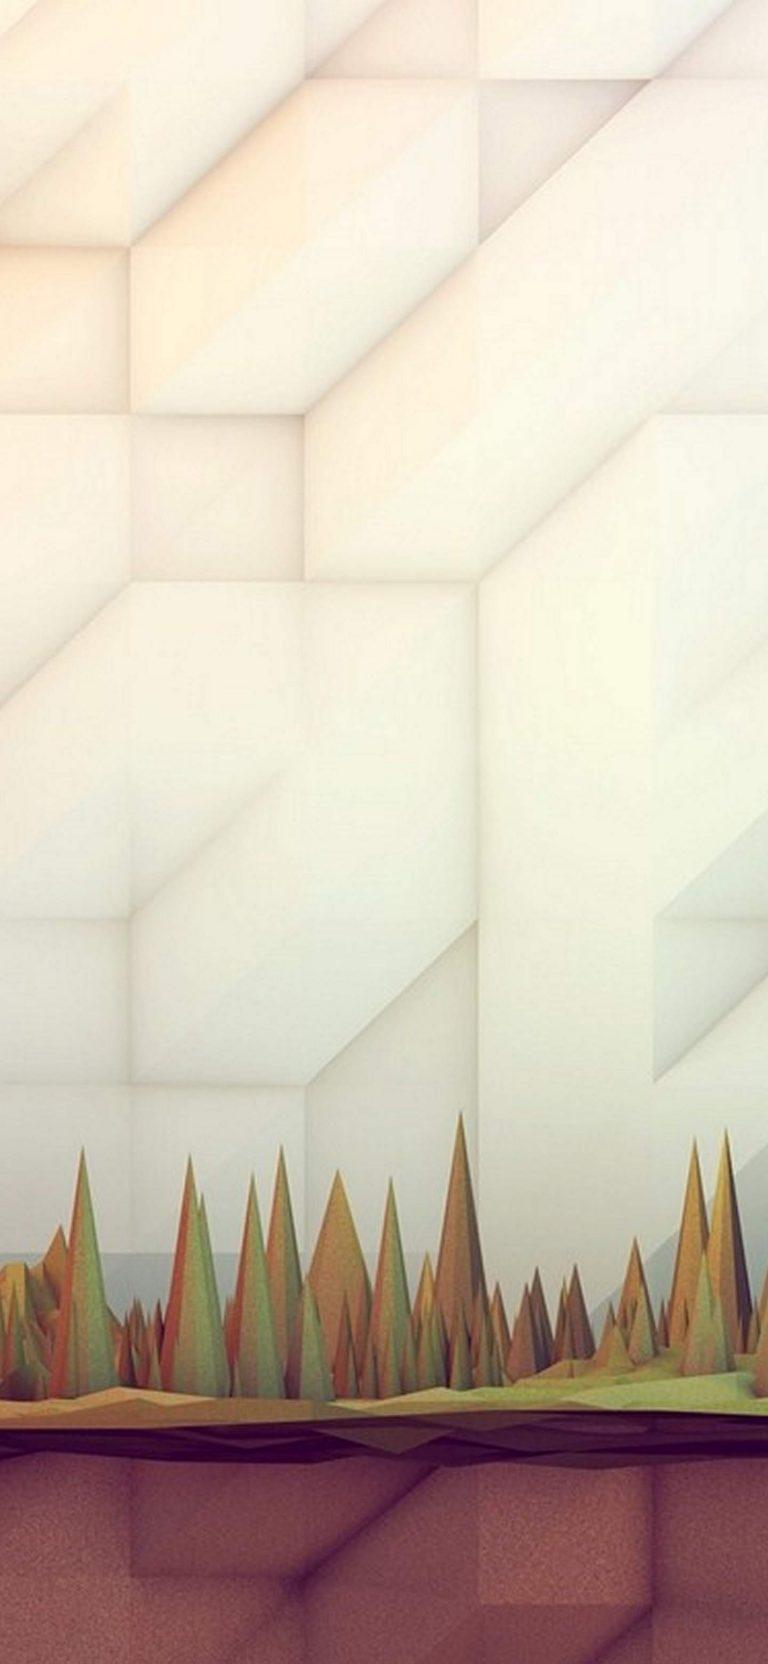 1440x3120 Wallpaper 139 768x1664